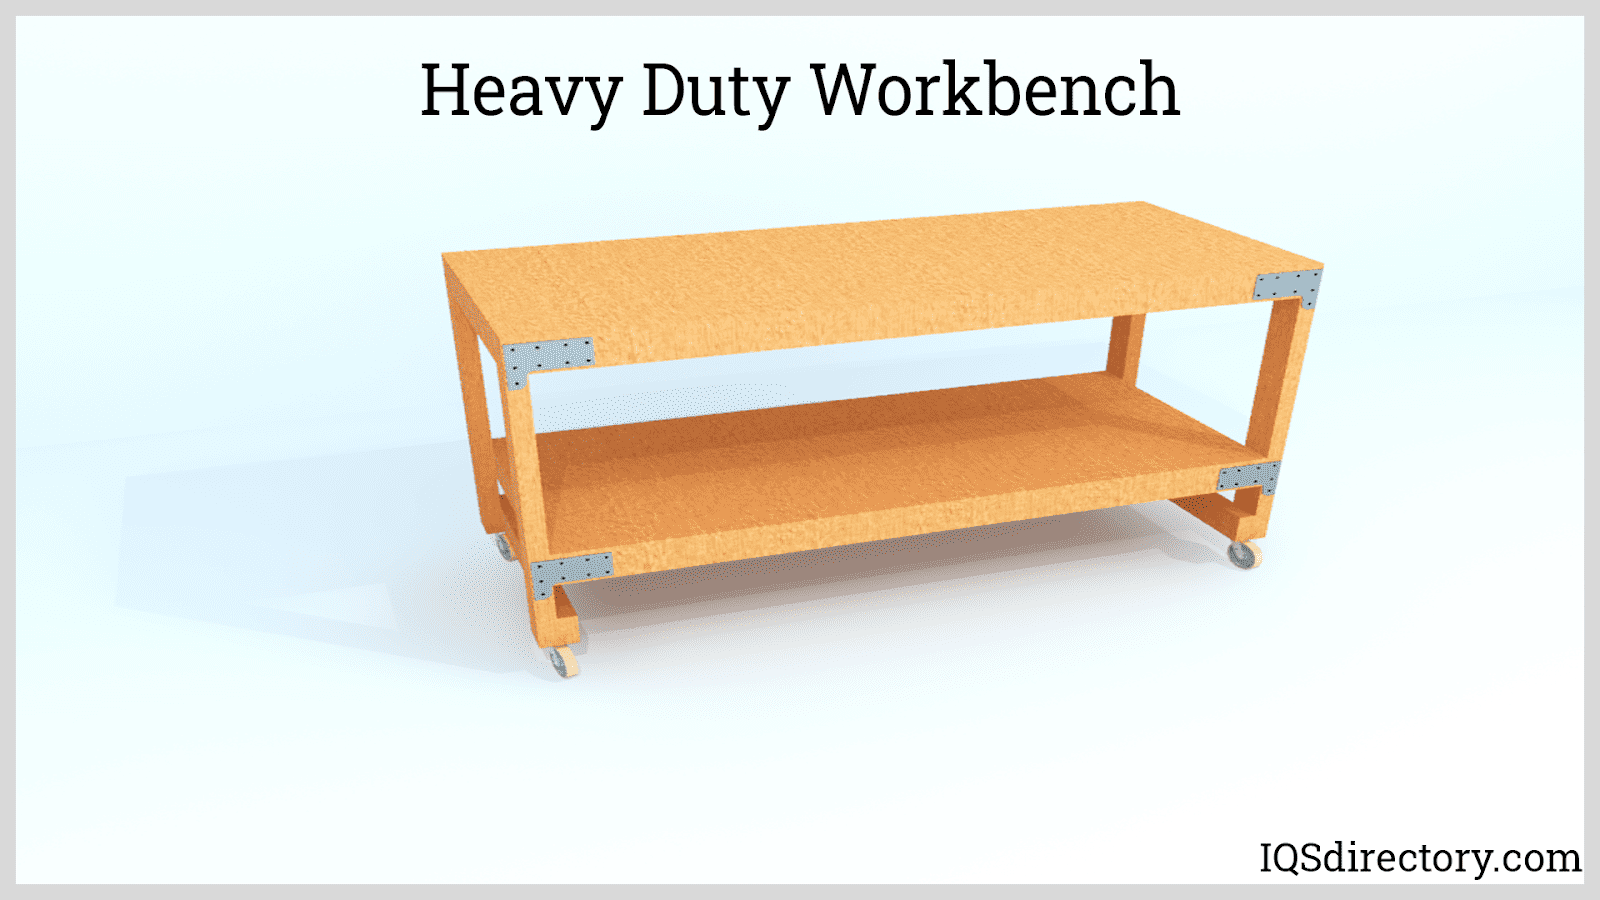 Heavy Duty Workbench